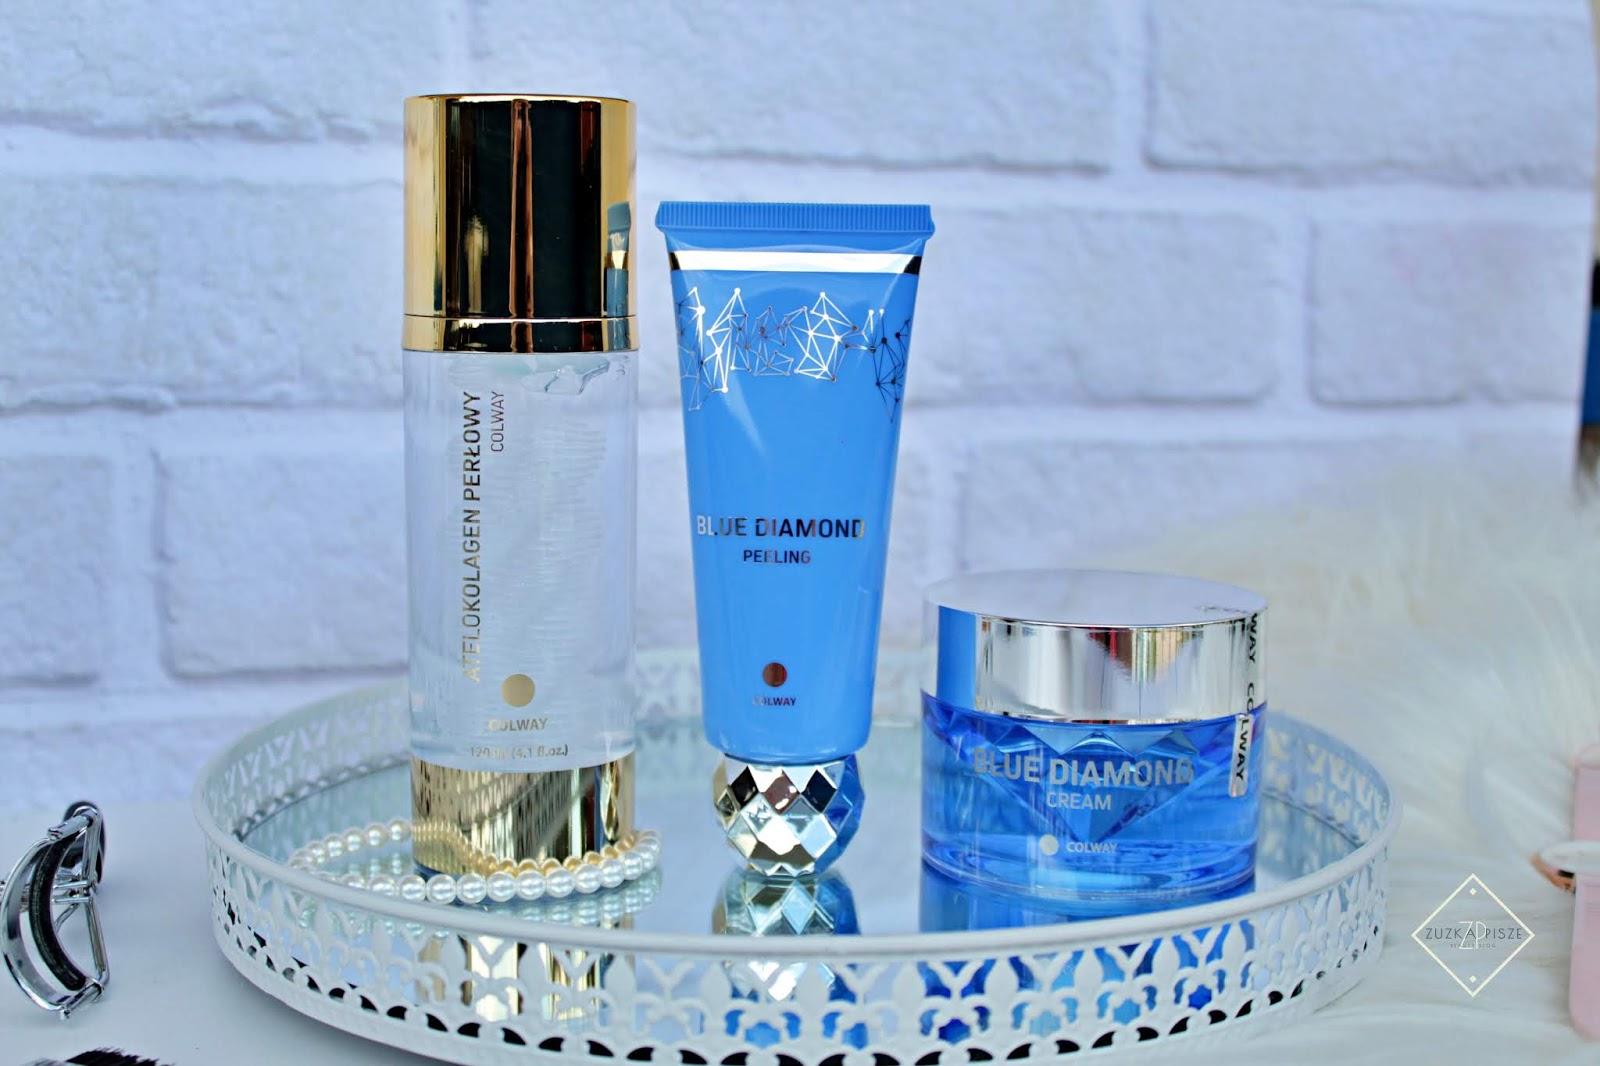 Atelokolagen perłowy + zestaw Blue Diamond marki COLWAY